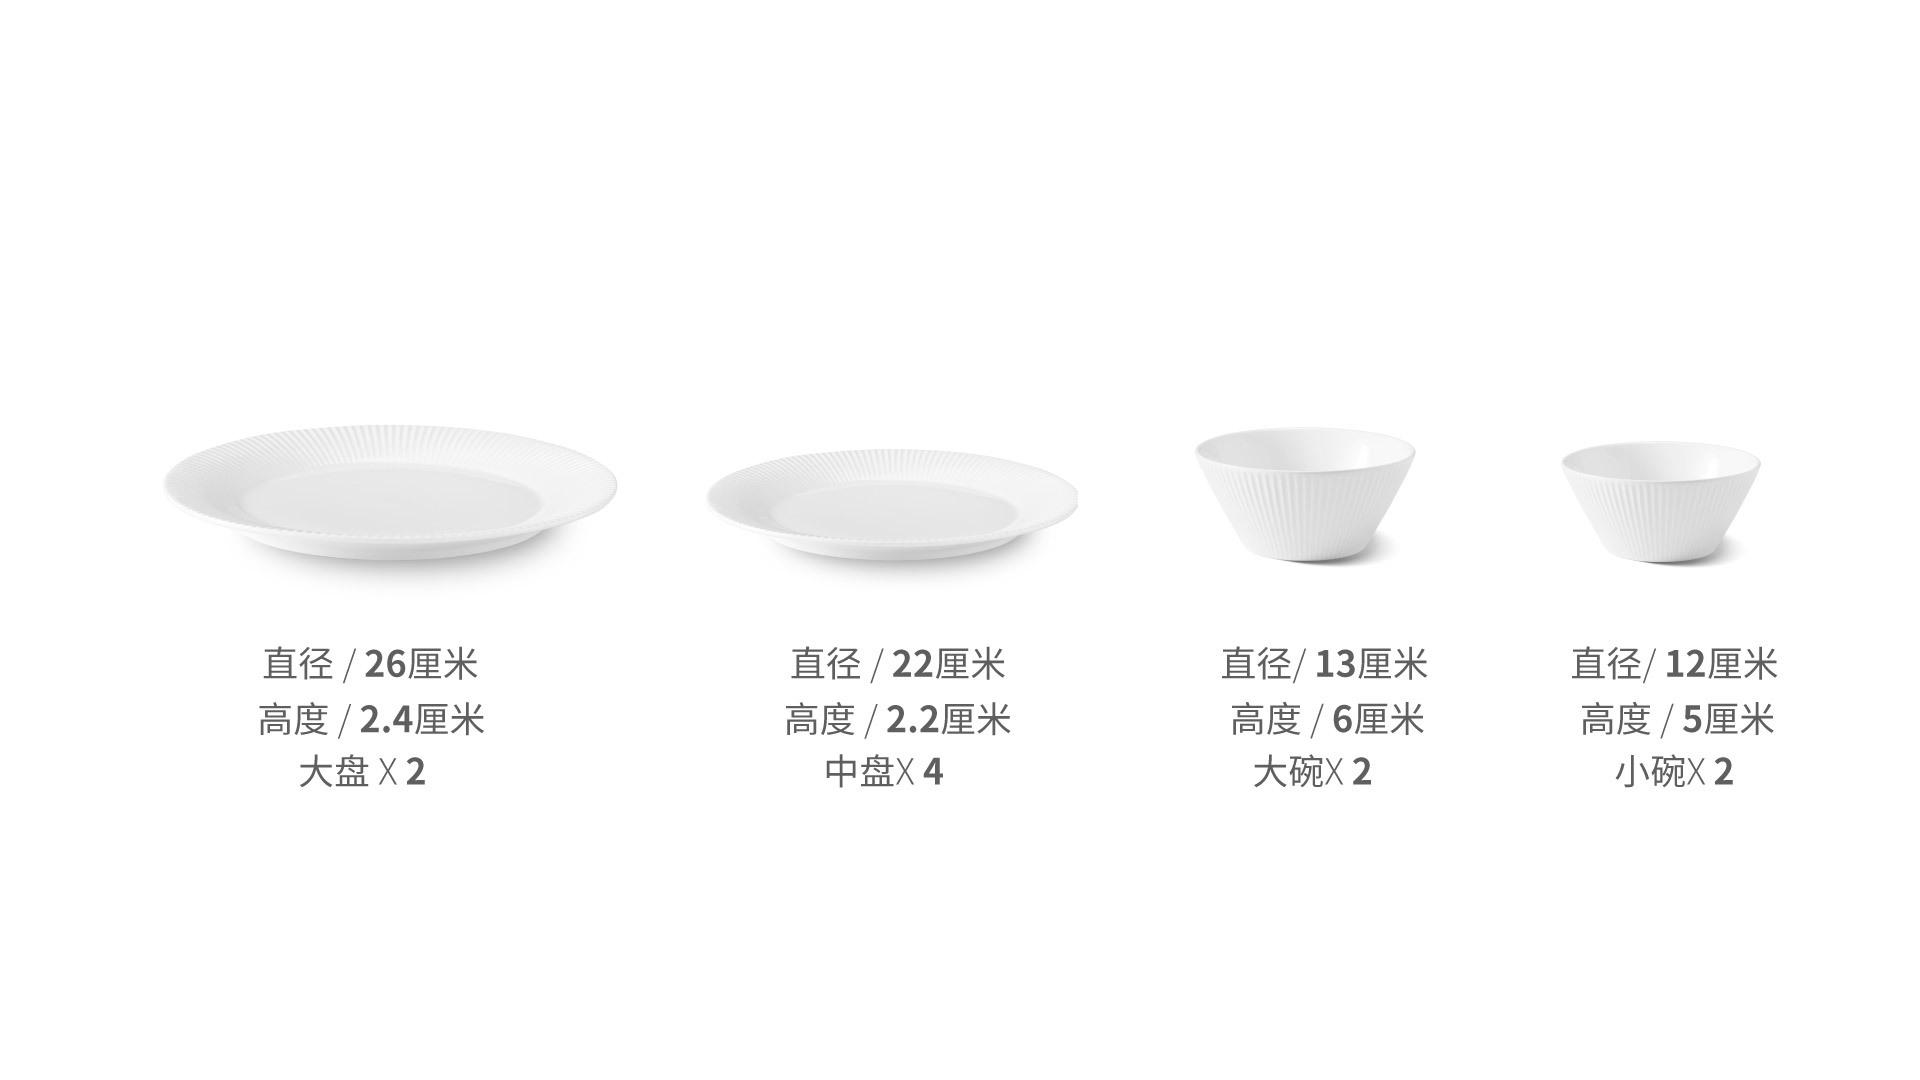 莹贝餐具10件组餐具效果图